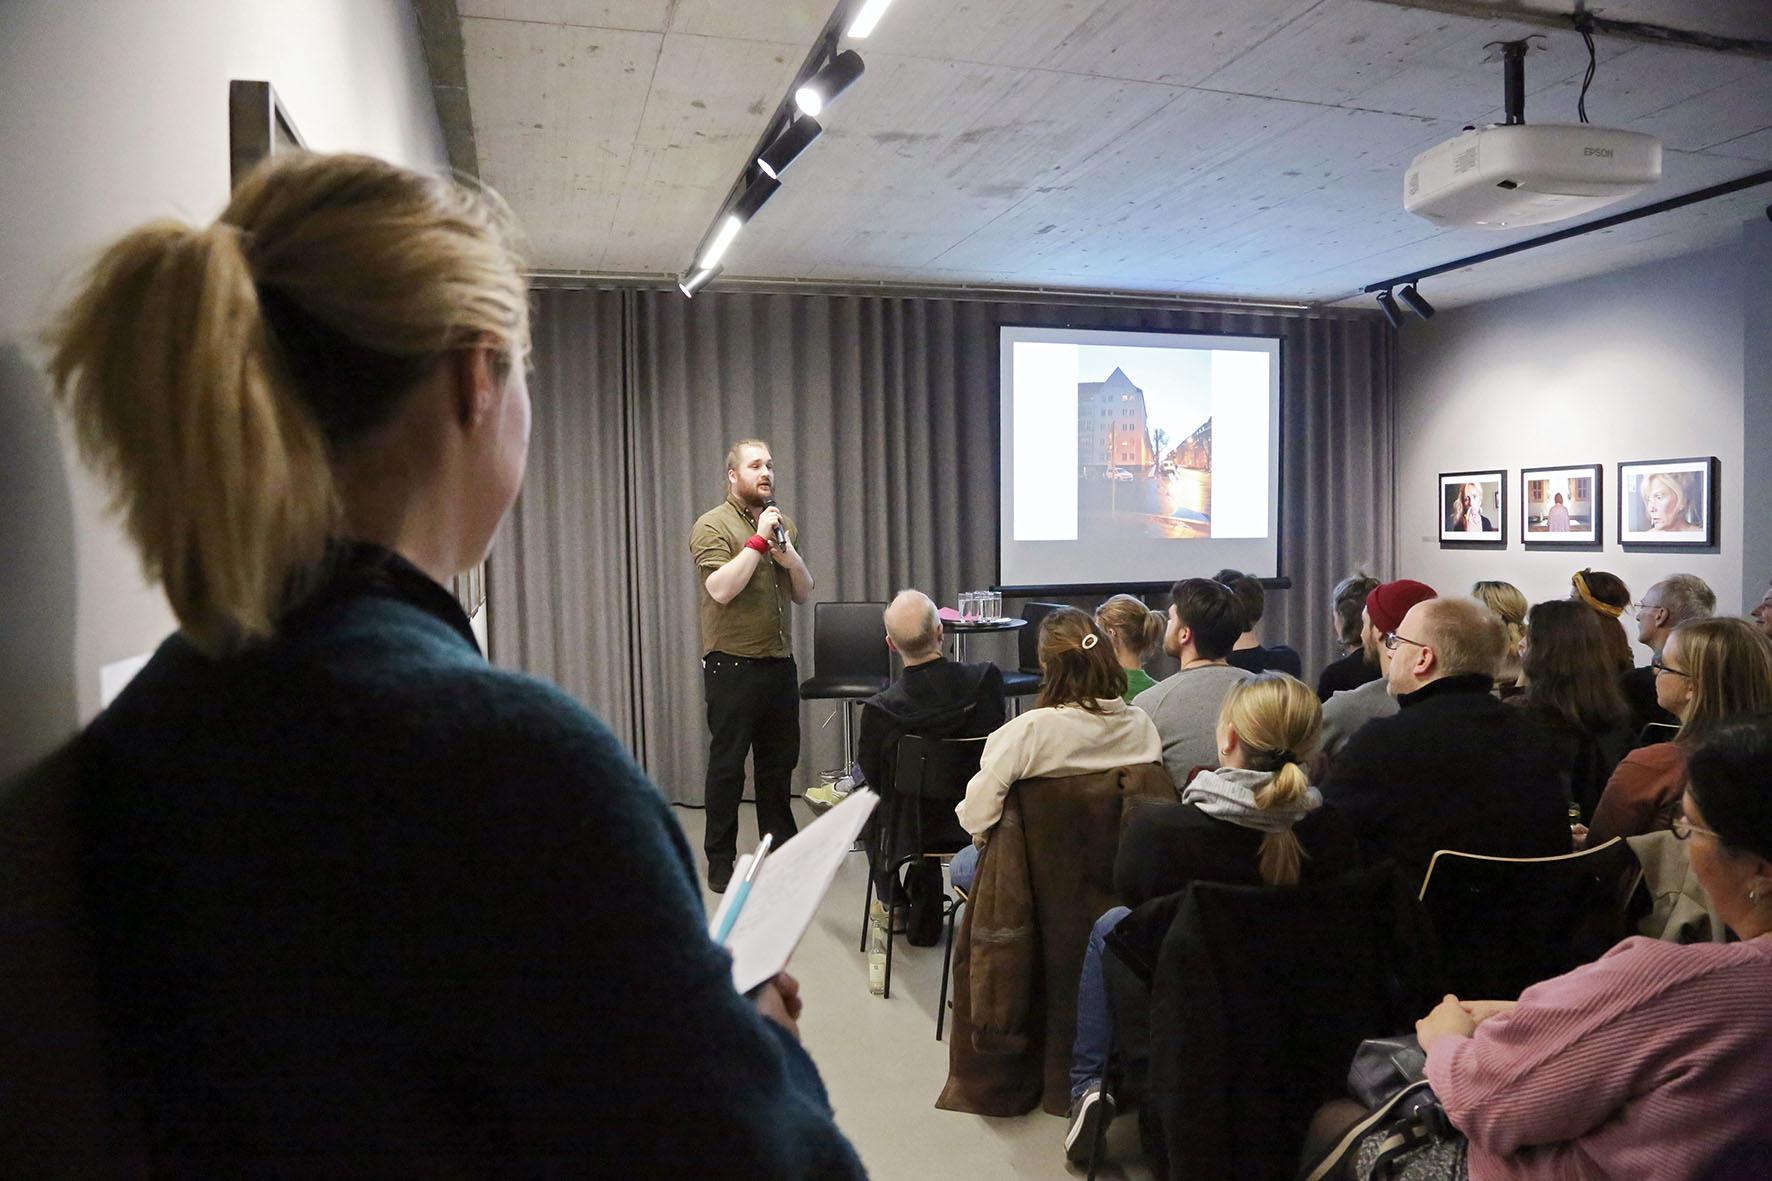 Ein Vortragender steht neben der Leinwand, auf die ein Bild projiziert ist und erklärt dazu.